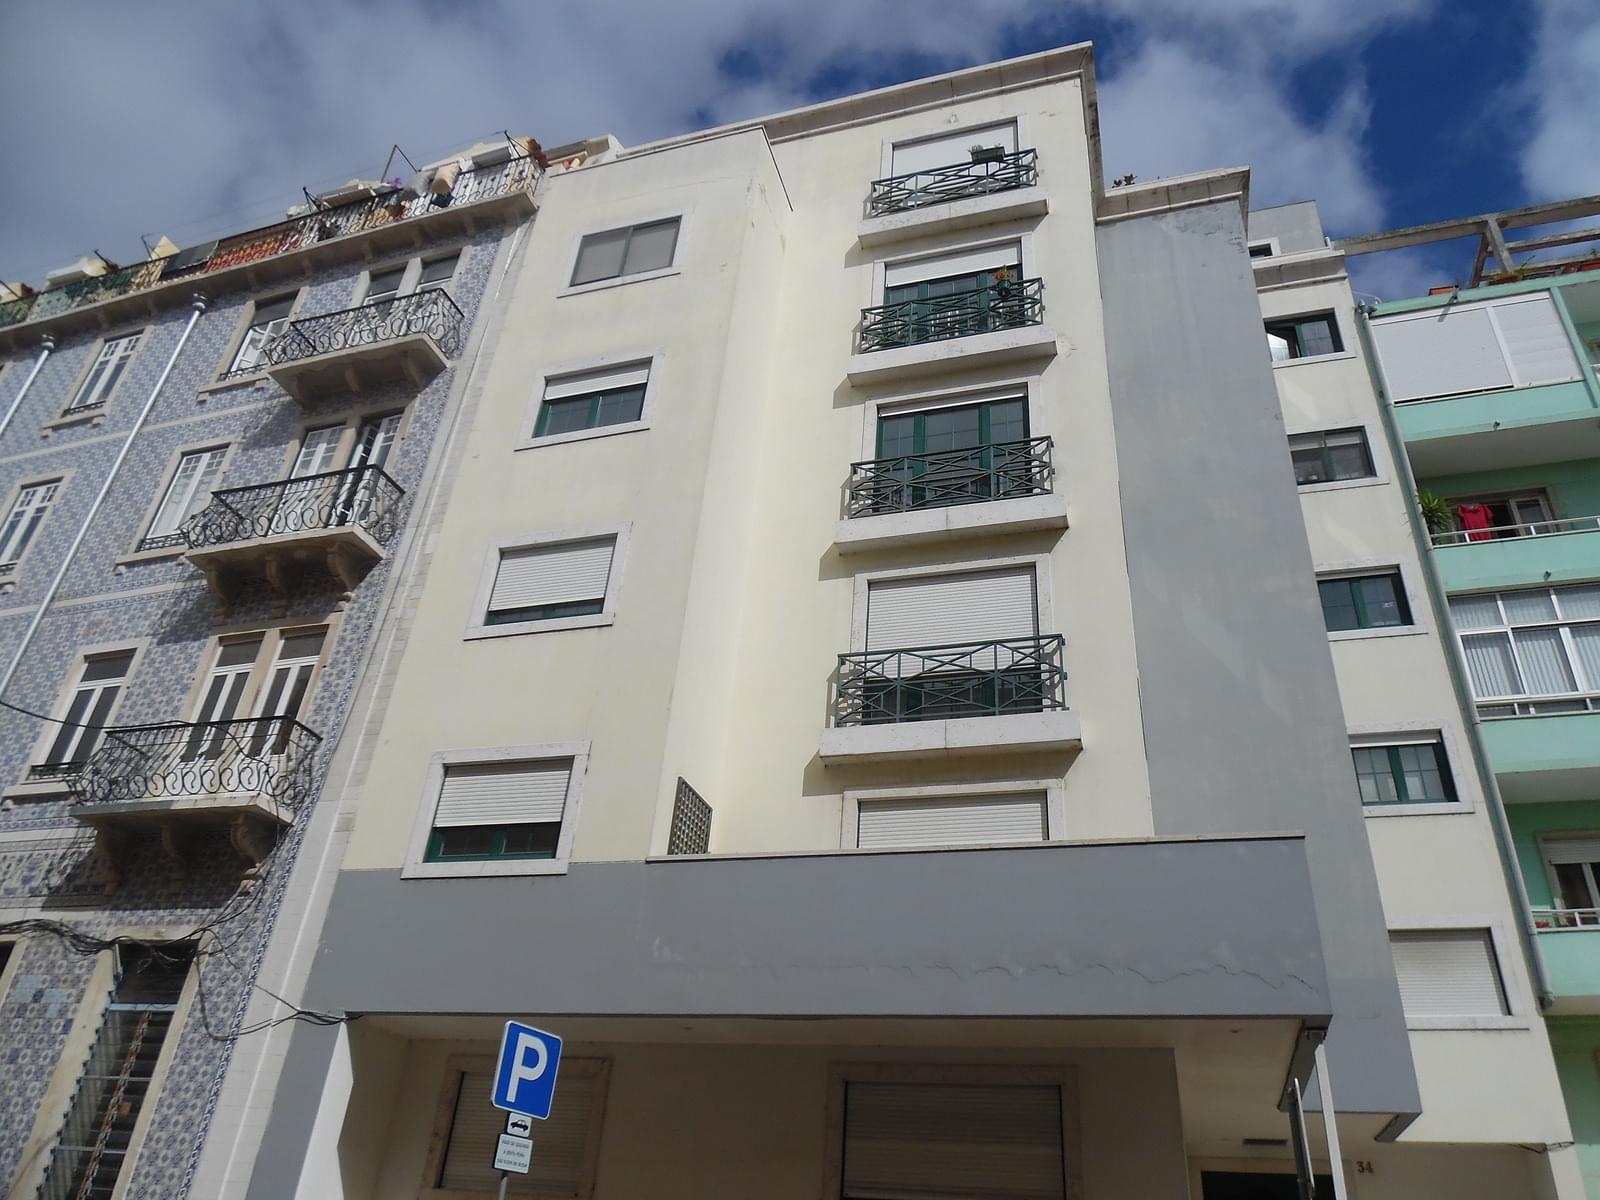 pf17908-apartamento-t1-lisboa-5398e180-6a43-46fa-abda-cc871f85ee54